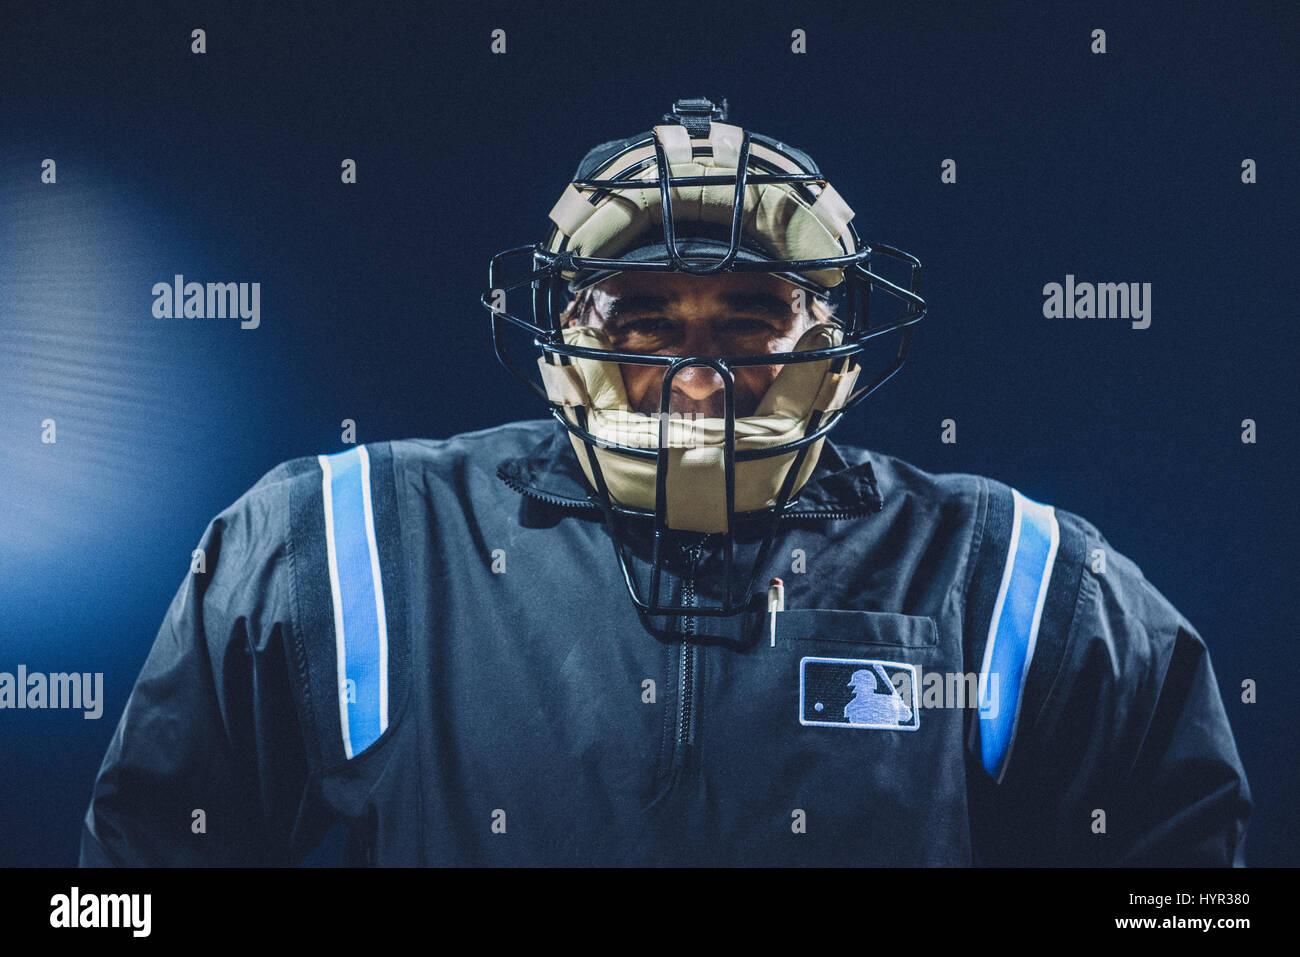 Baseball umpire looking down at camera with an imposing, menacing glare. - Stock Image